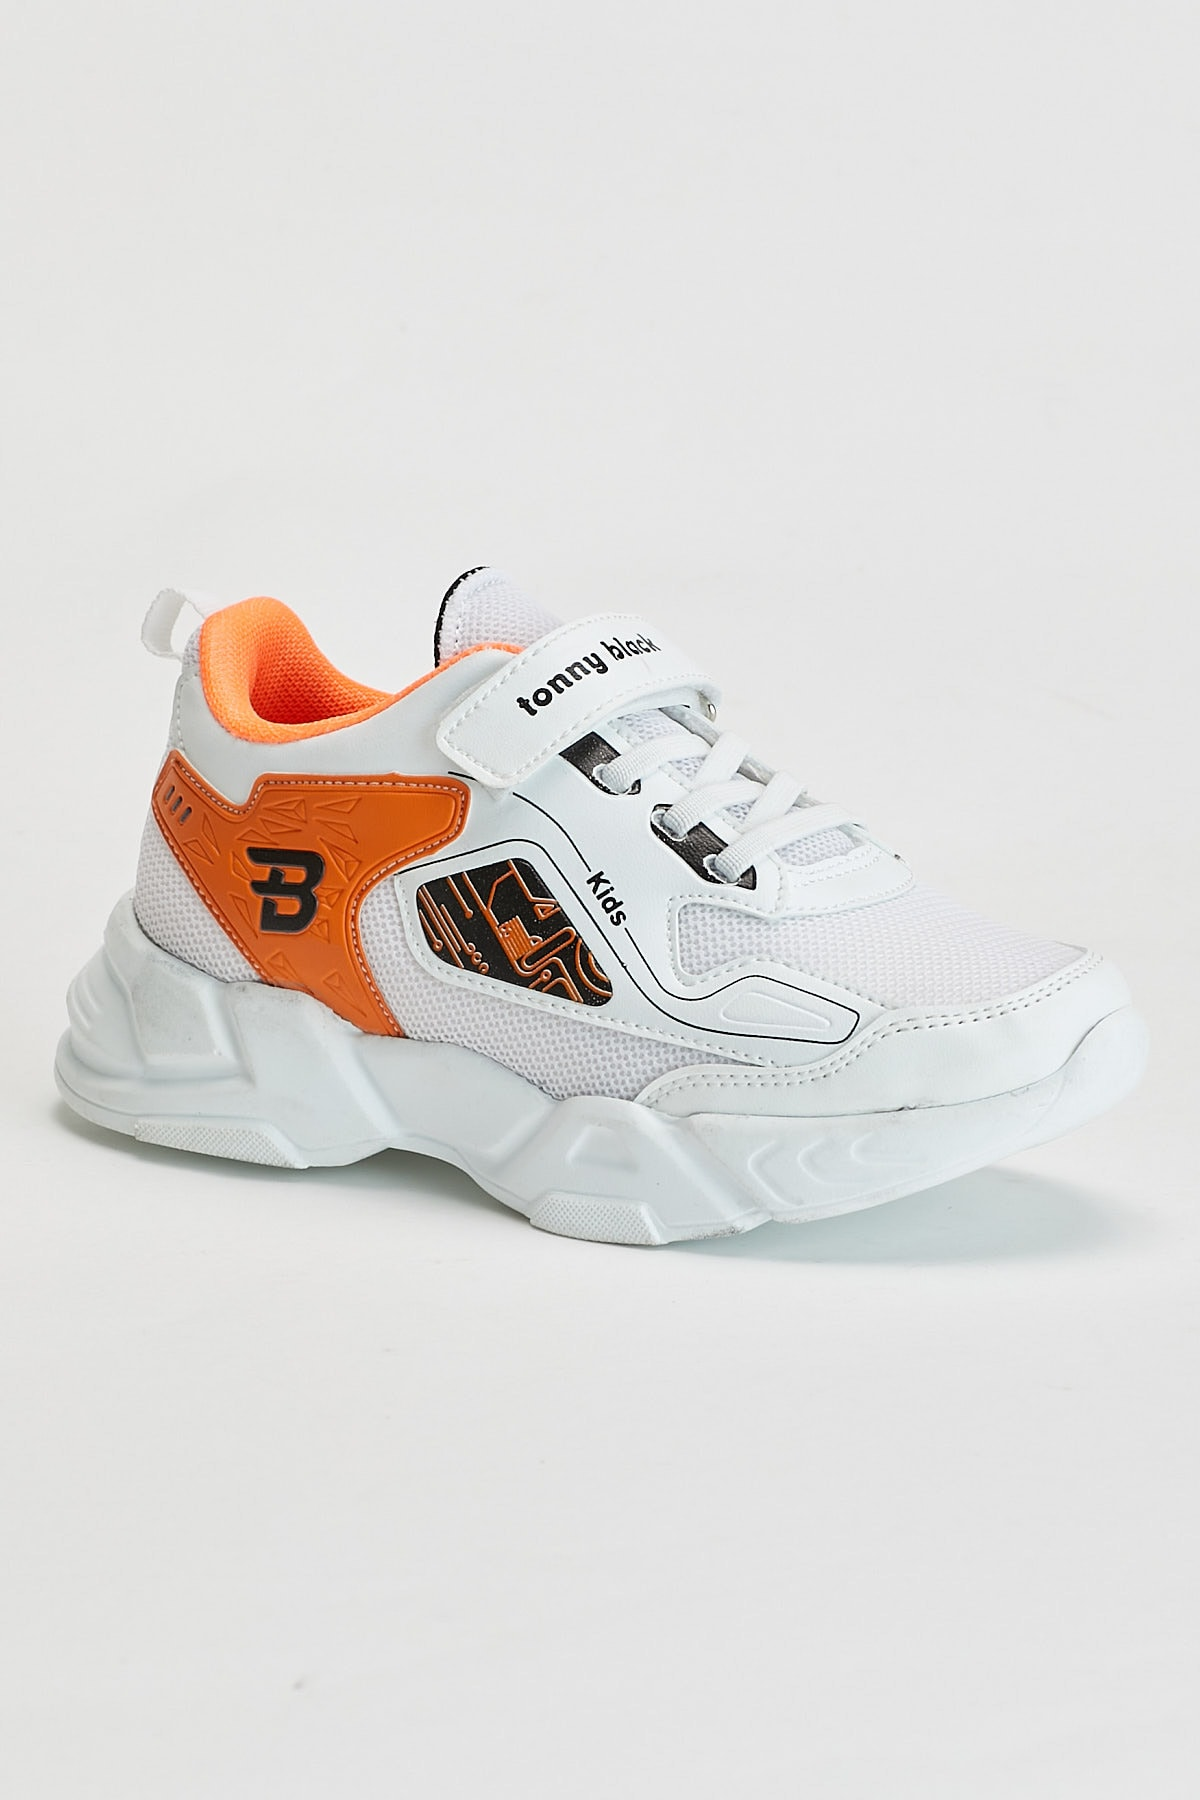 Tonny Black Beyaz Oranj Çocuk Spor Ayakkabı Tbz31